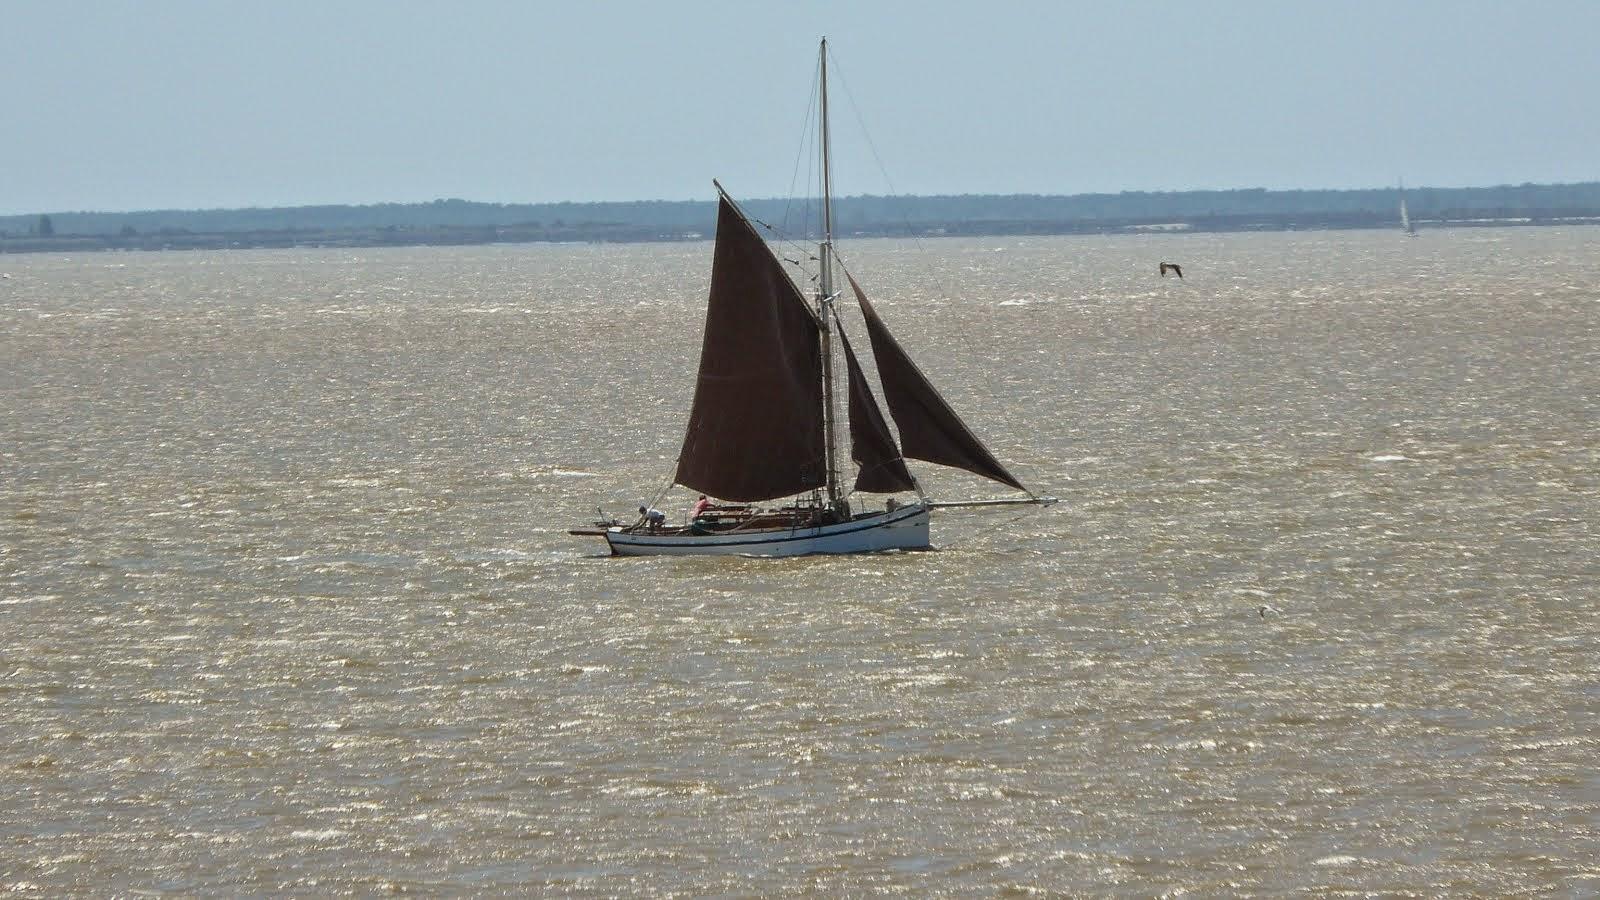 Voilier sur l'estuaire, Talmont-sur-Gironde, France